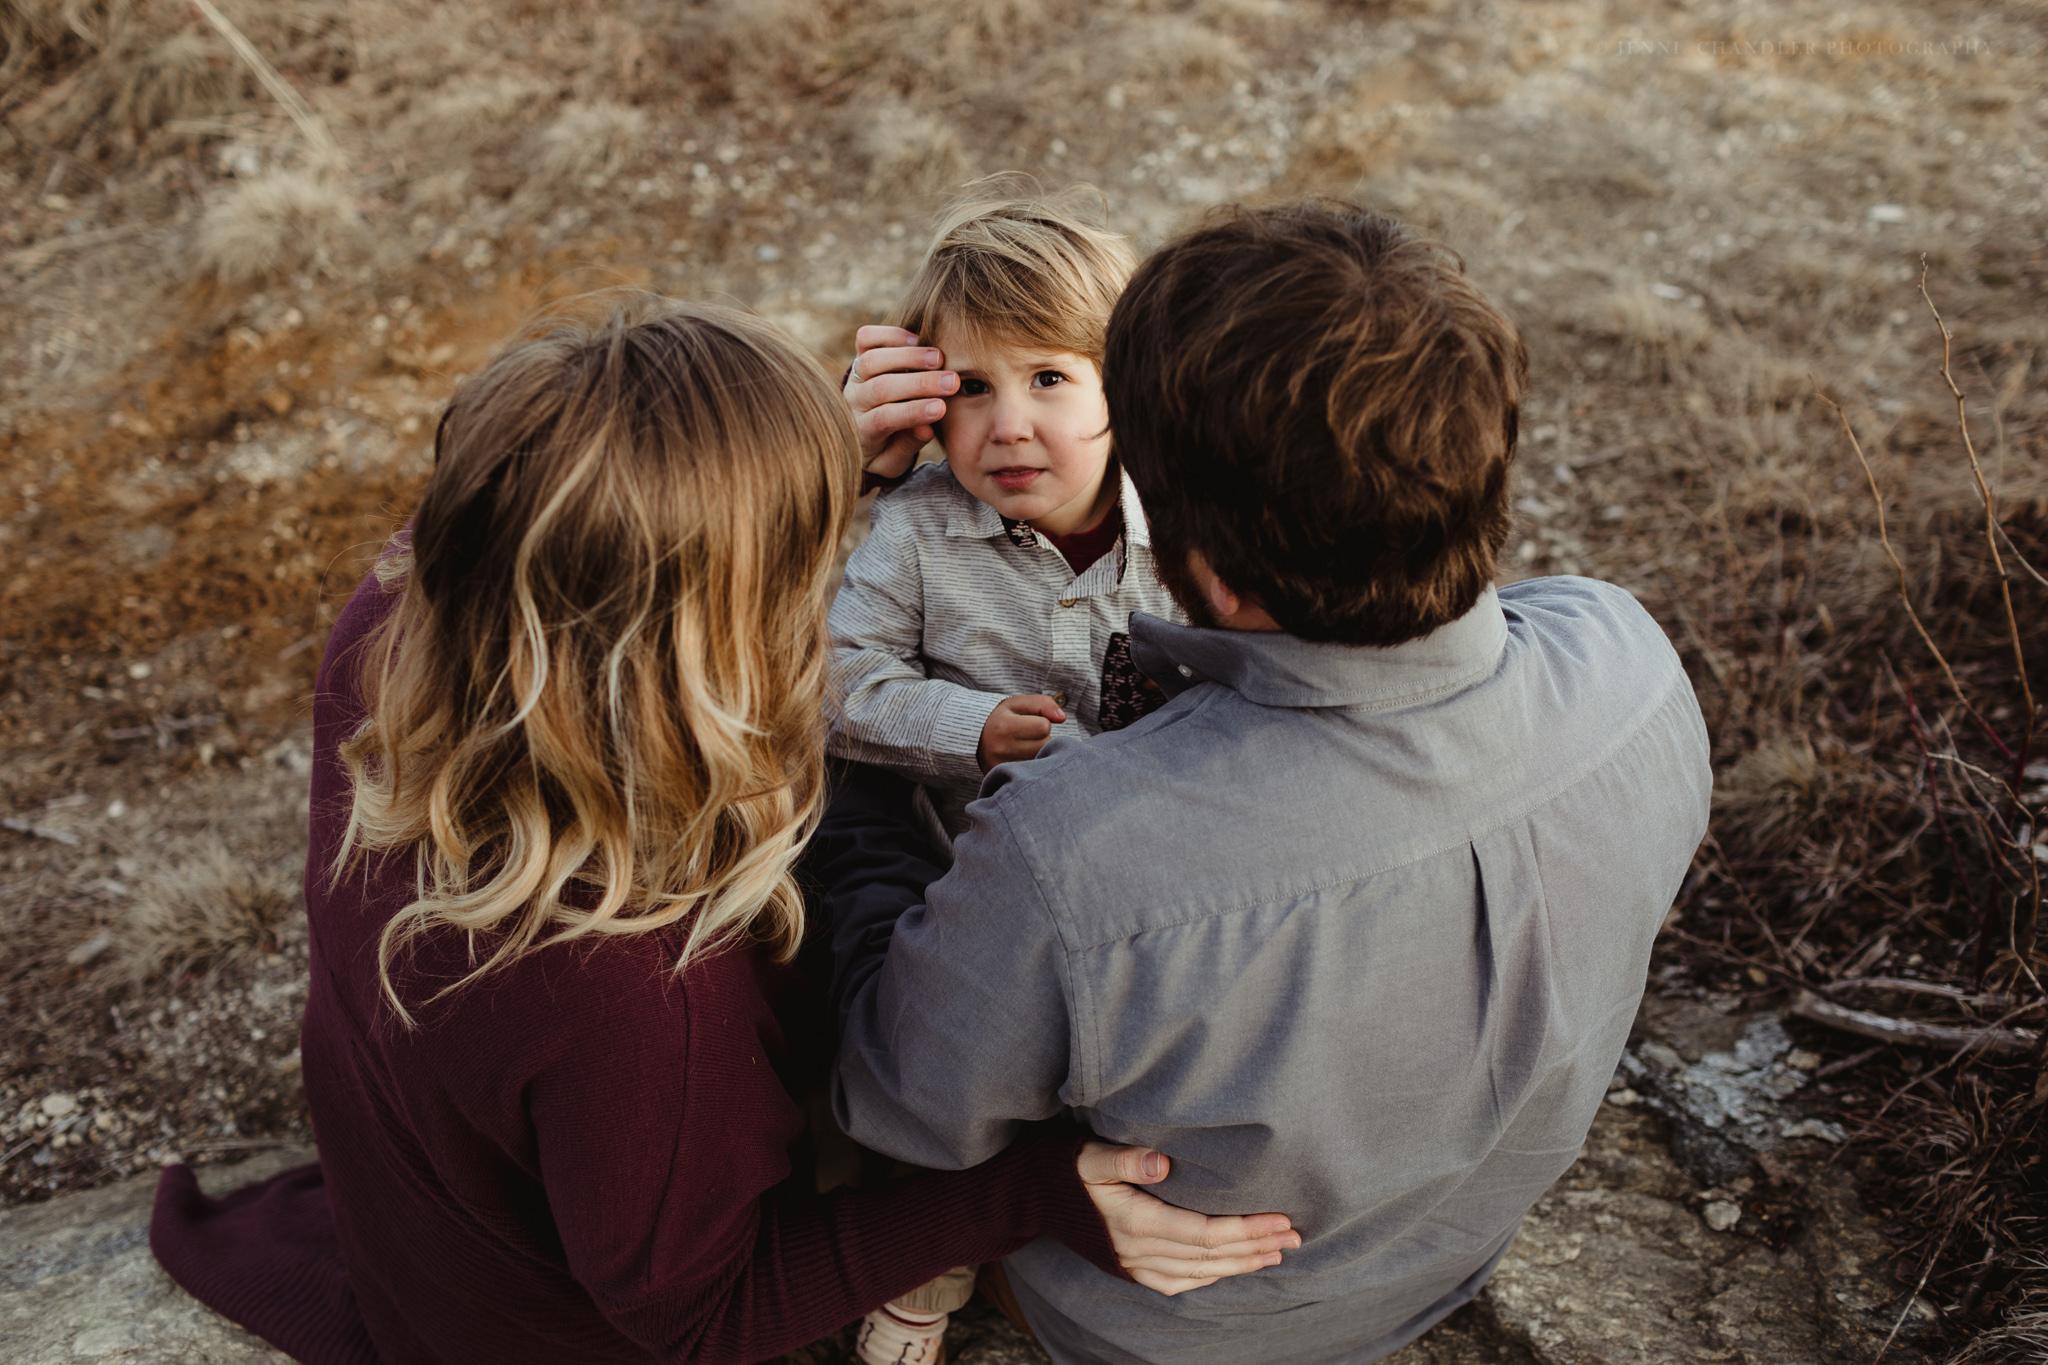 jennichandlerphotography_brevardnc_andimaternityfamily_WEB-5.jpg